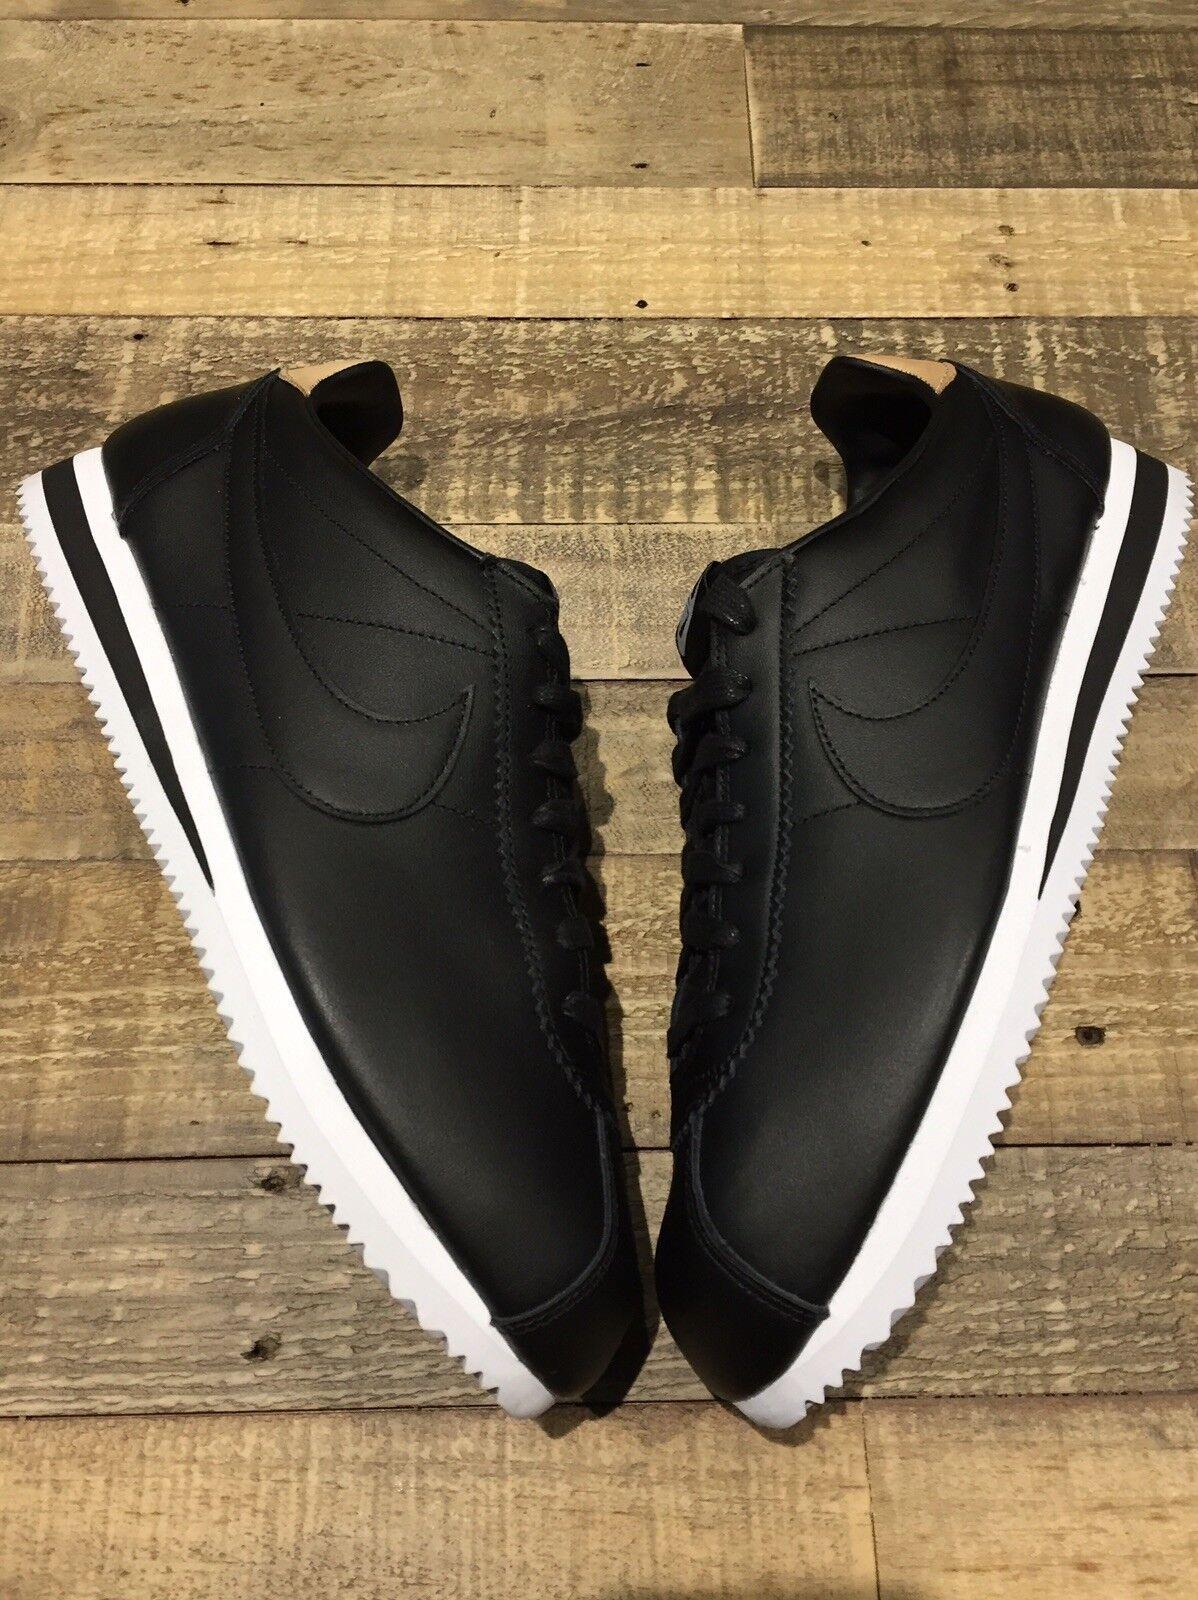 Nike Classic Cortez SE   Black   Tan   UK 10.5   EUR 45.5   US 11.5   861535-004